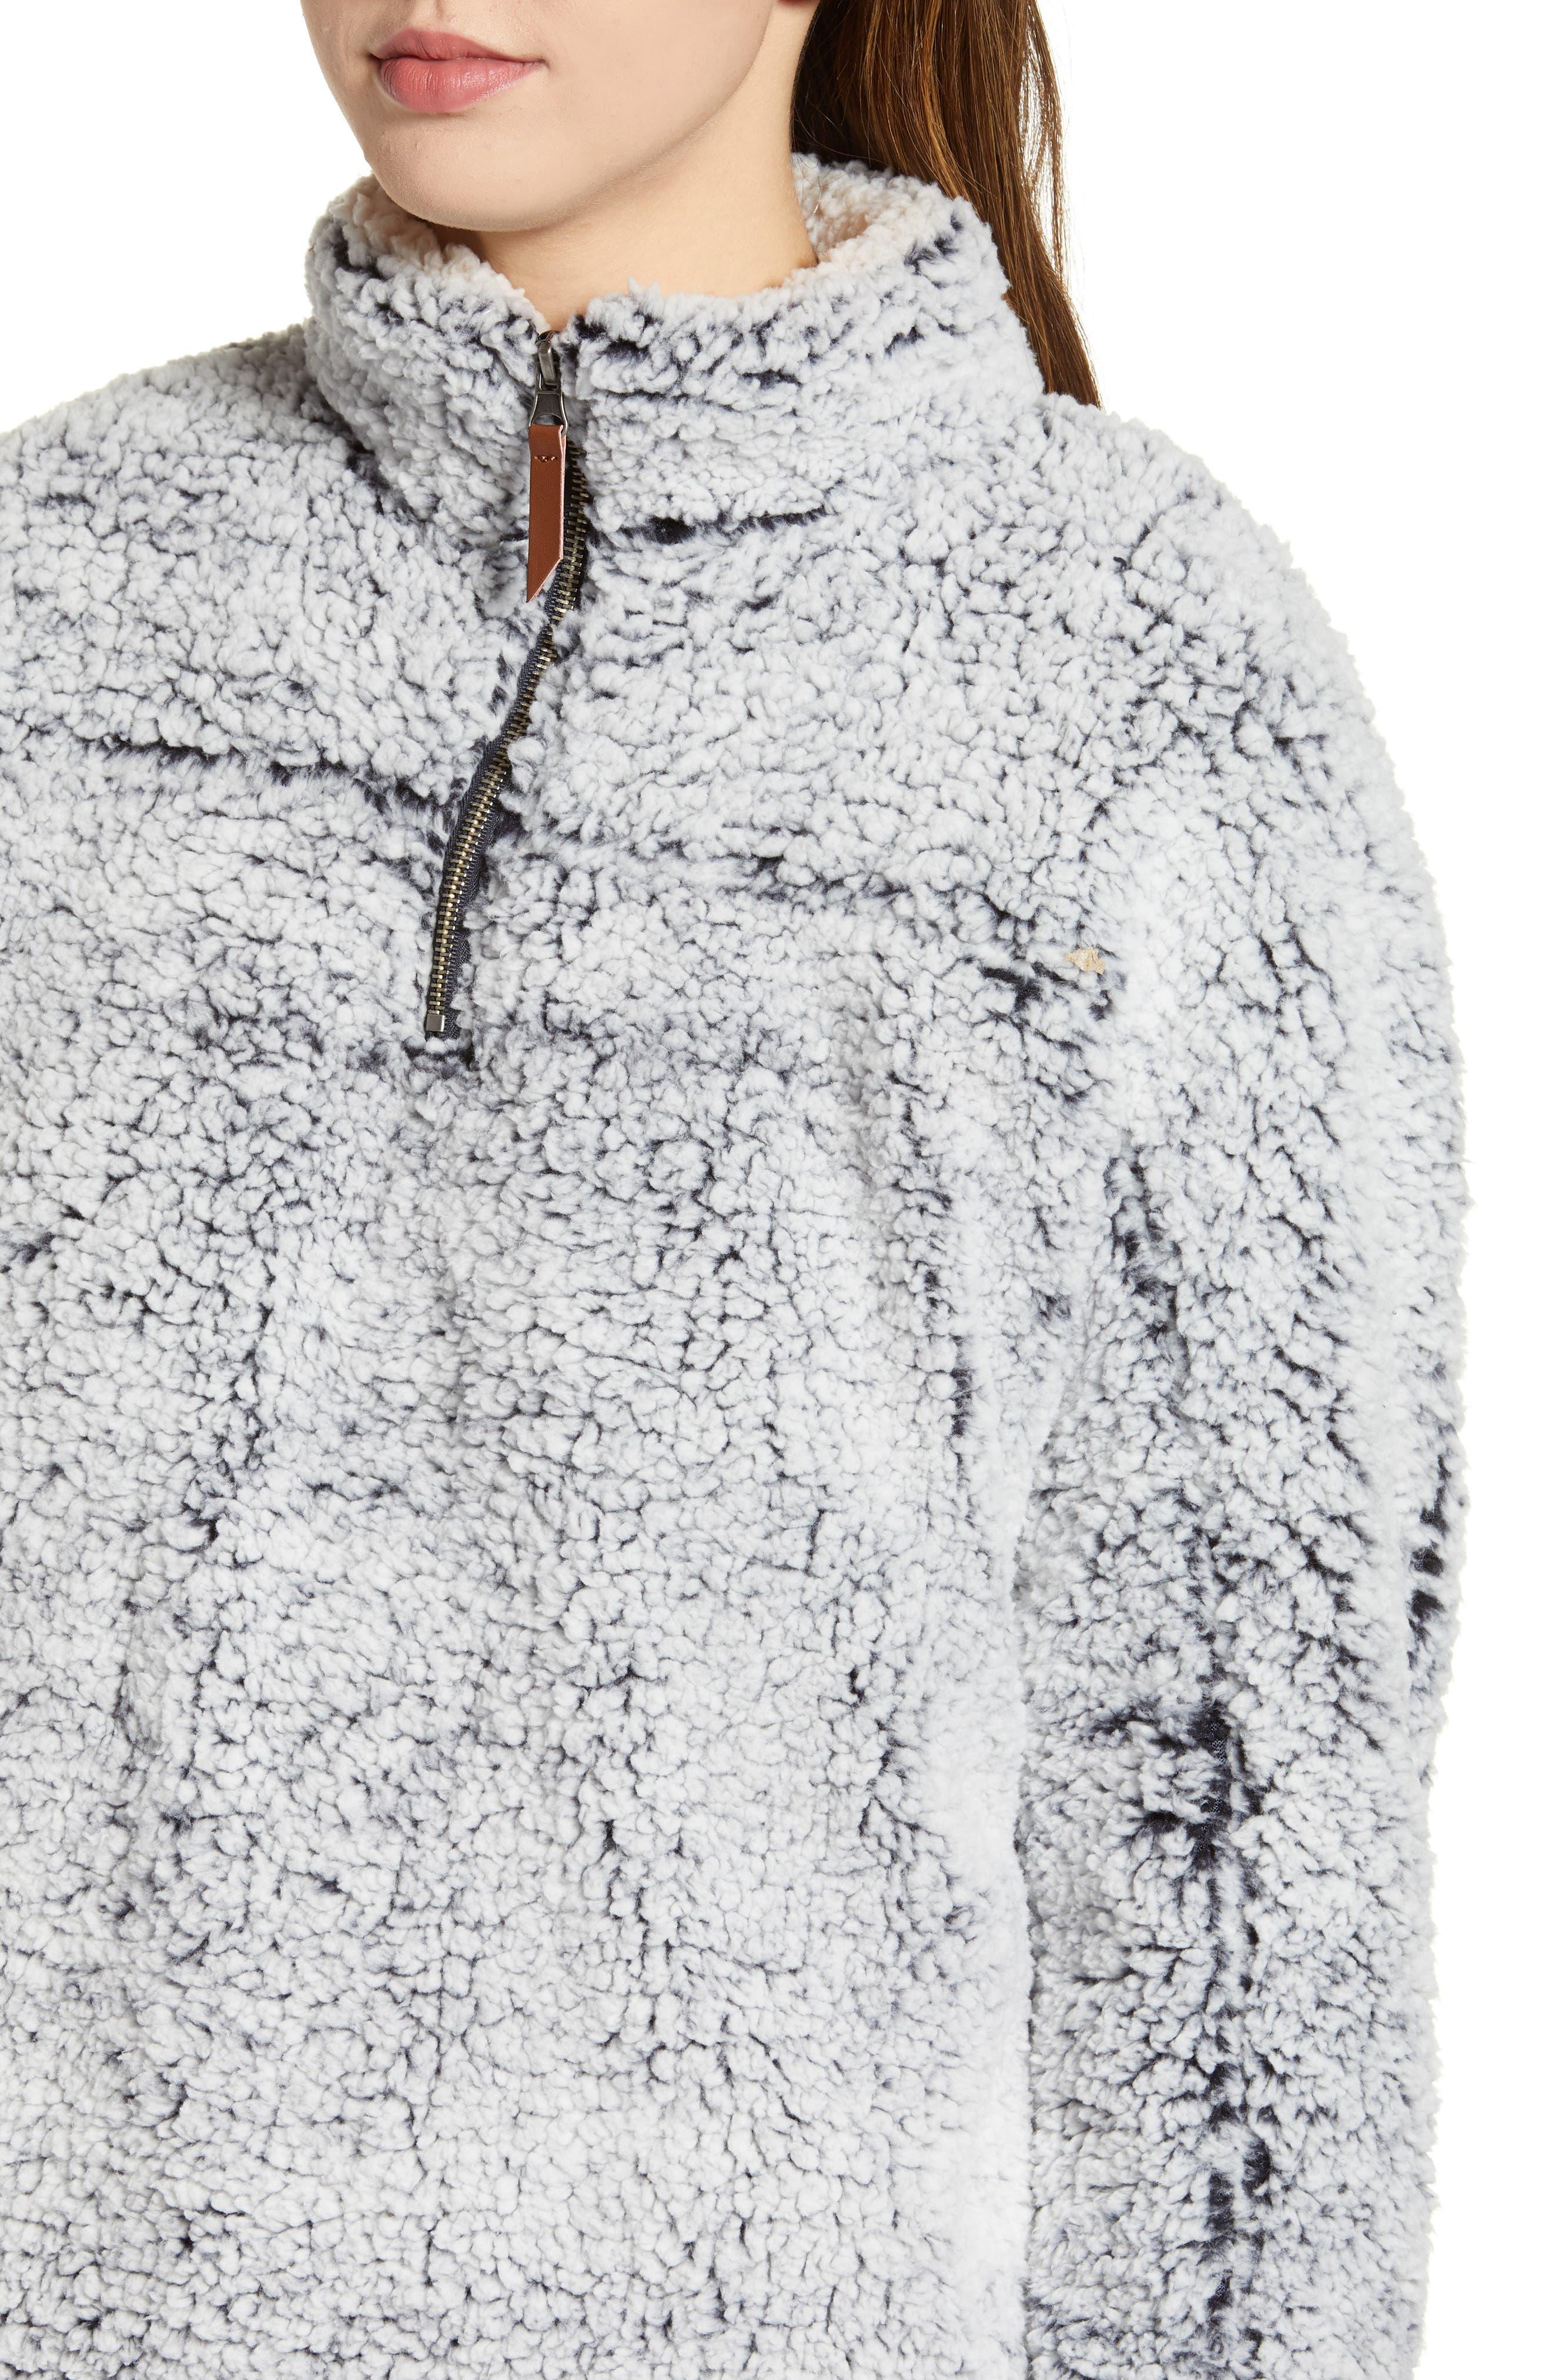 Wubby Fleece Pullover,                             Alternate thumbnail 4, color,                             INDIGO